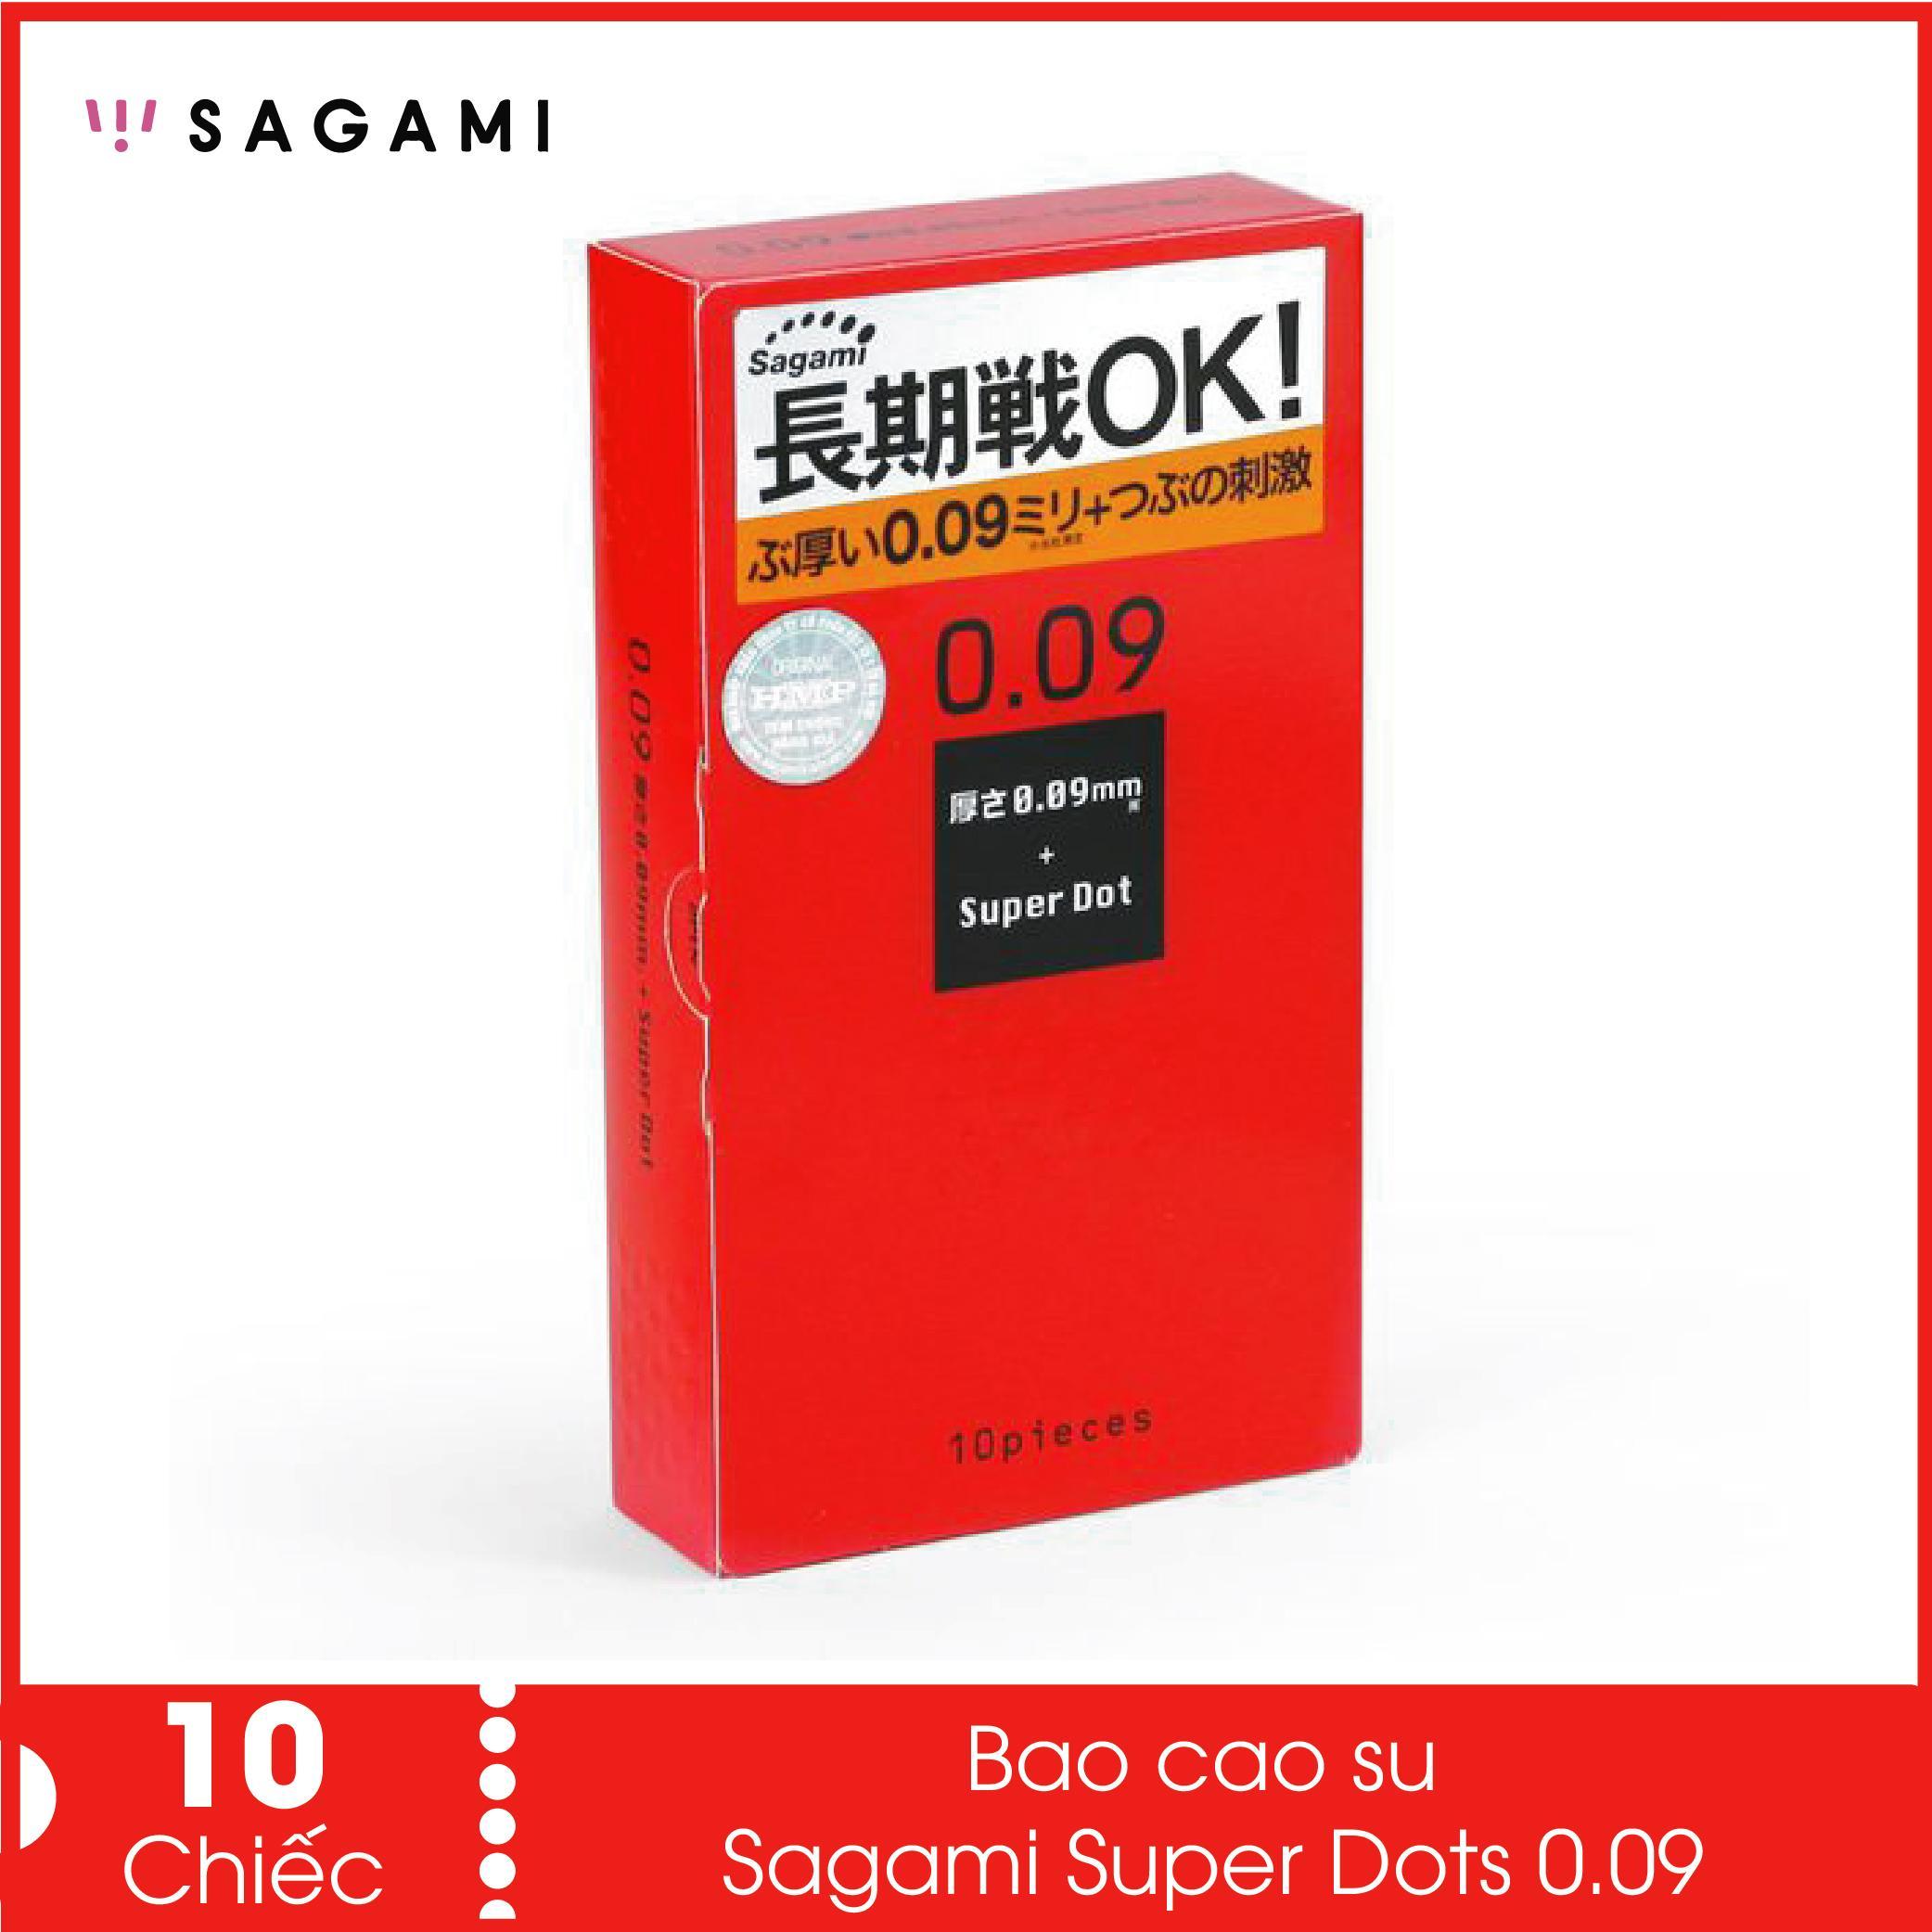 Bao cao su Sagami Super Dots 0.09 ôm khít (Hộp 10) - Sản xuất tại Nhật Bản